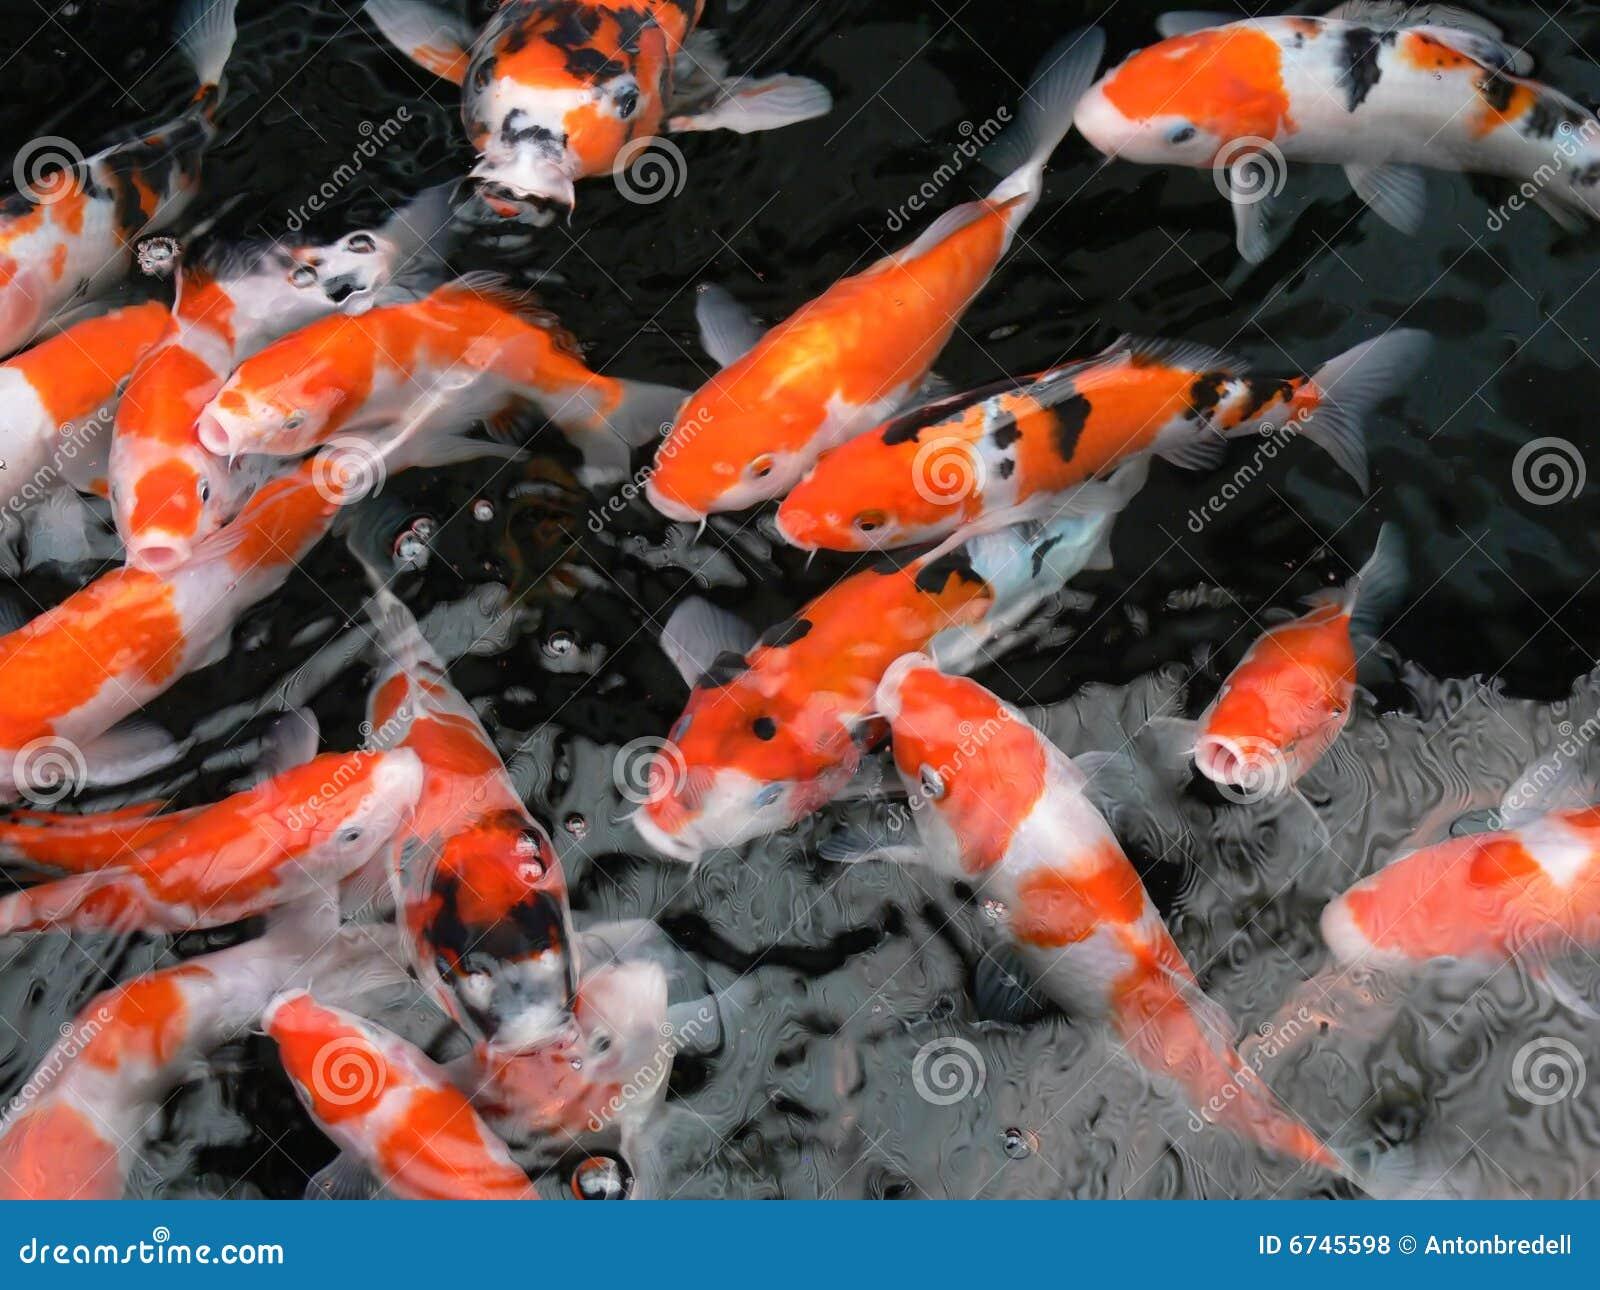 Koi fish swimming stock photo image of anticipate for Koi fish swimming